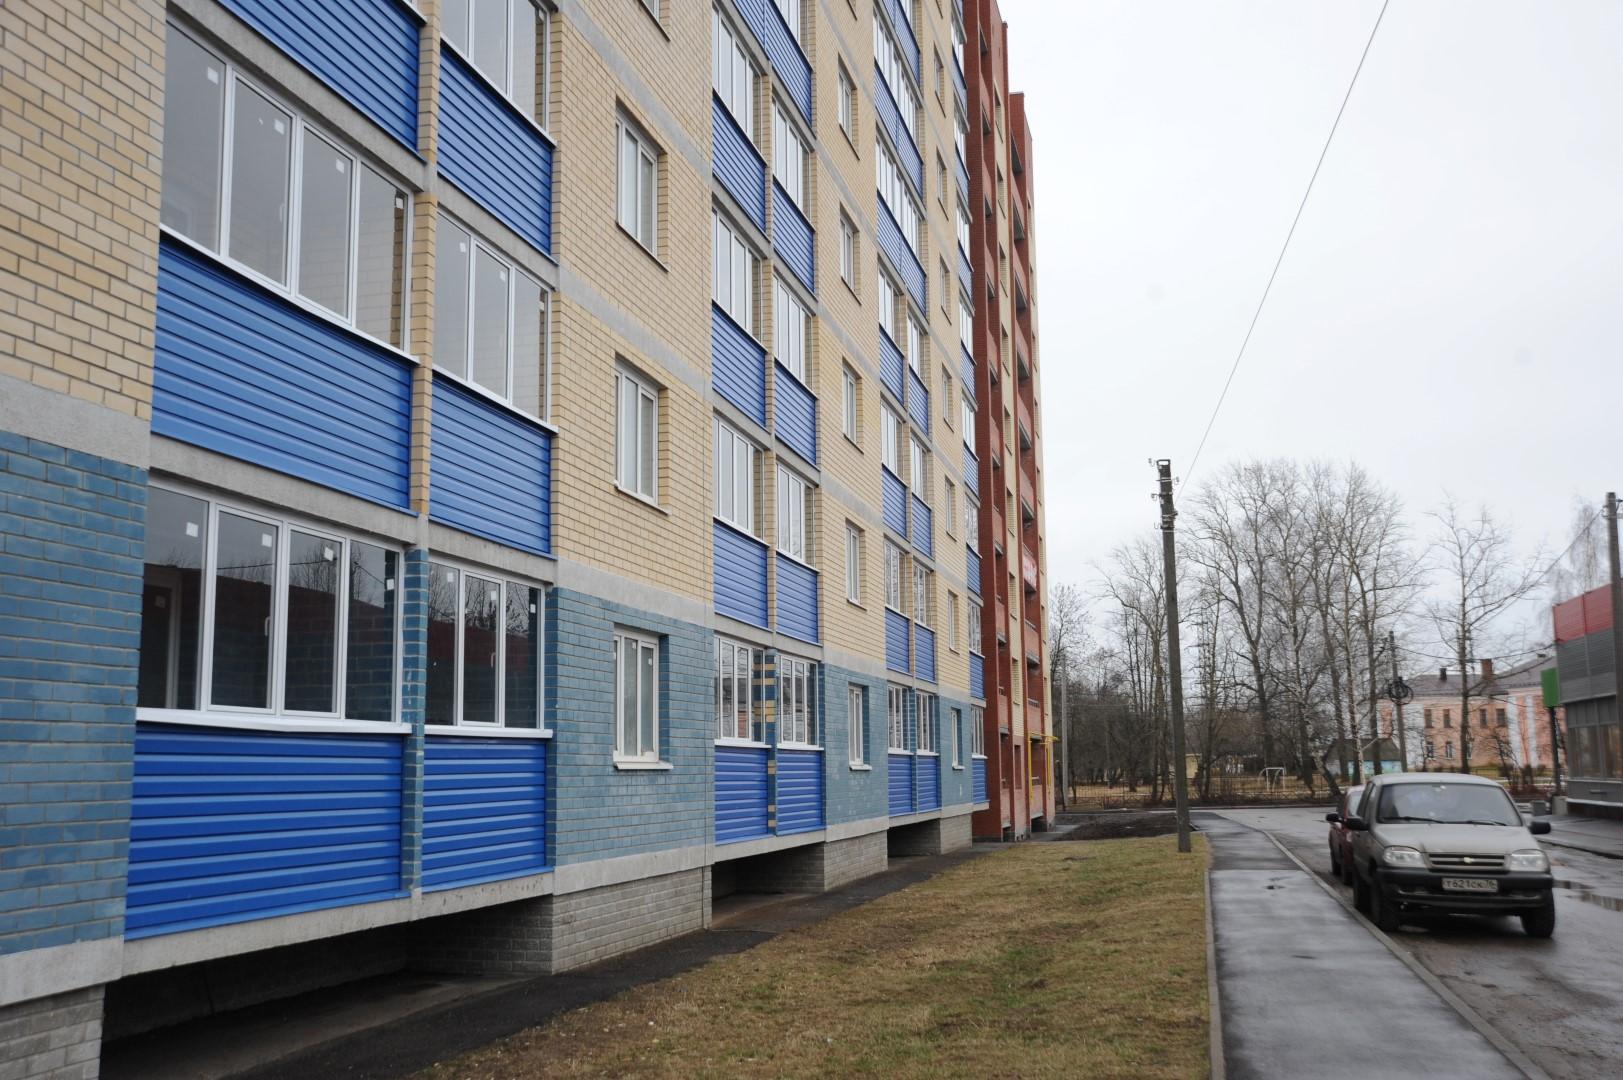 Все ветераны Великой Отечественной войны, подавшие заявки на улучшение условий, обеспечены жильем